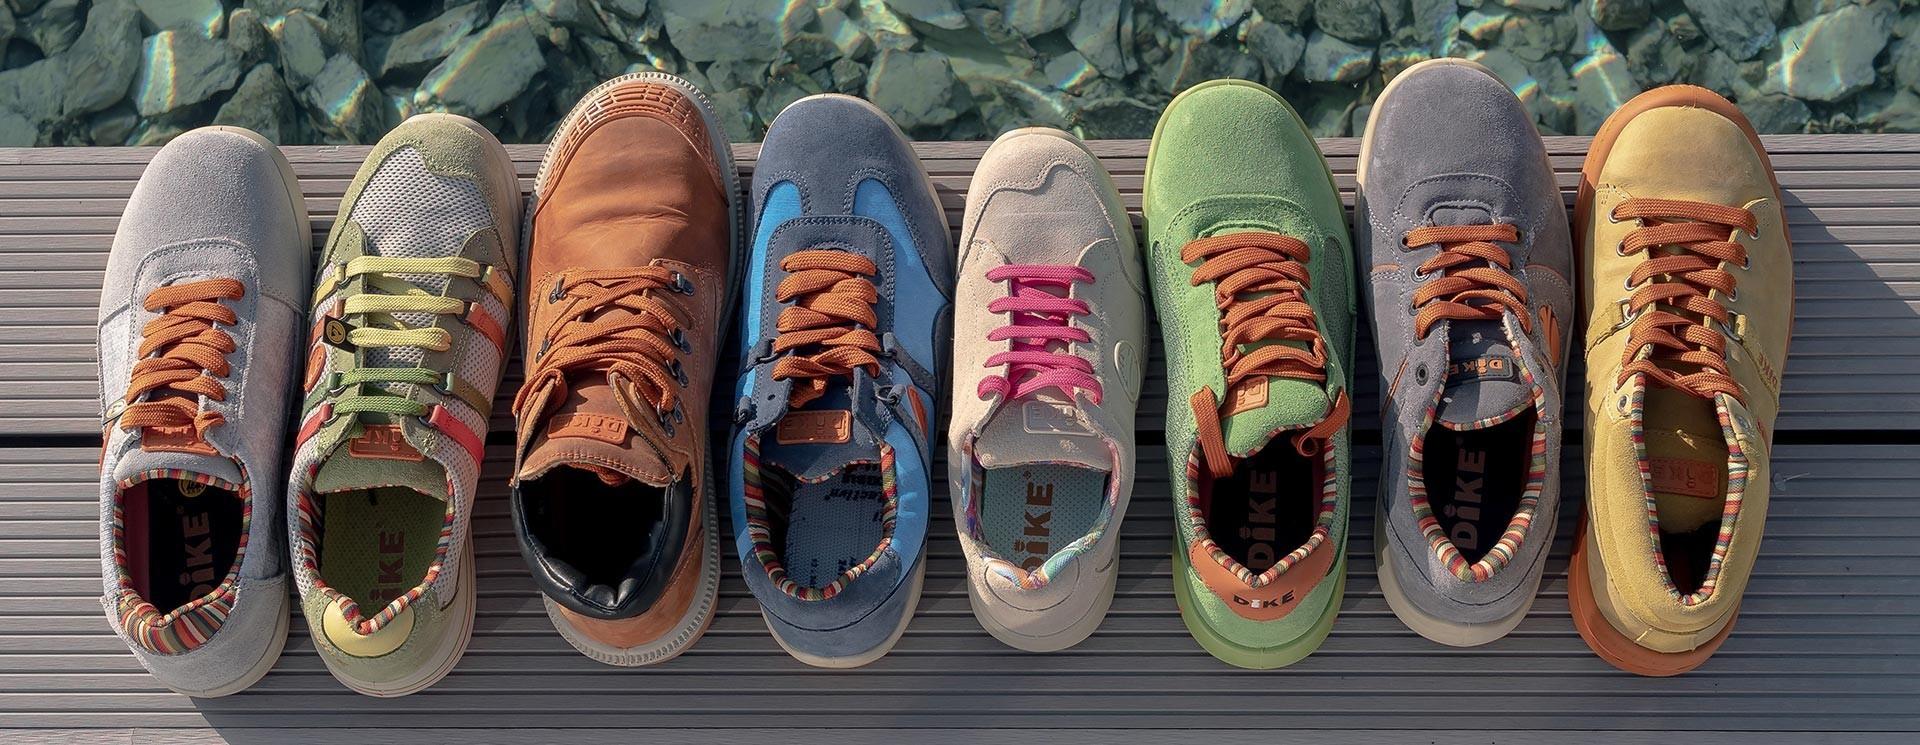 Zapatos de seguridad y botas de trabajo | Dike